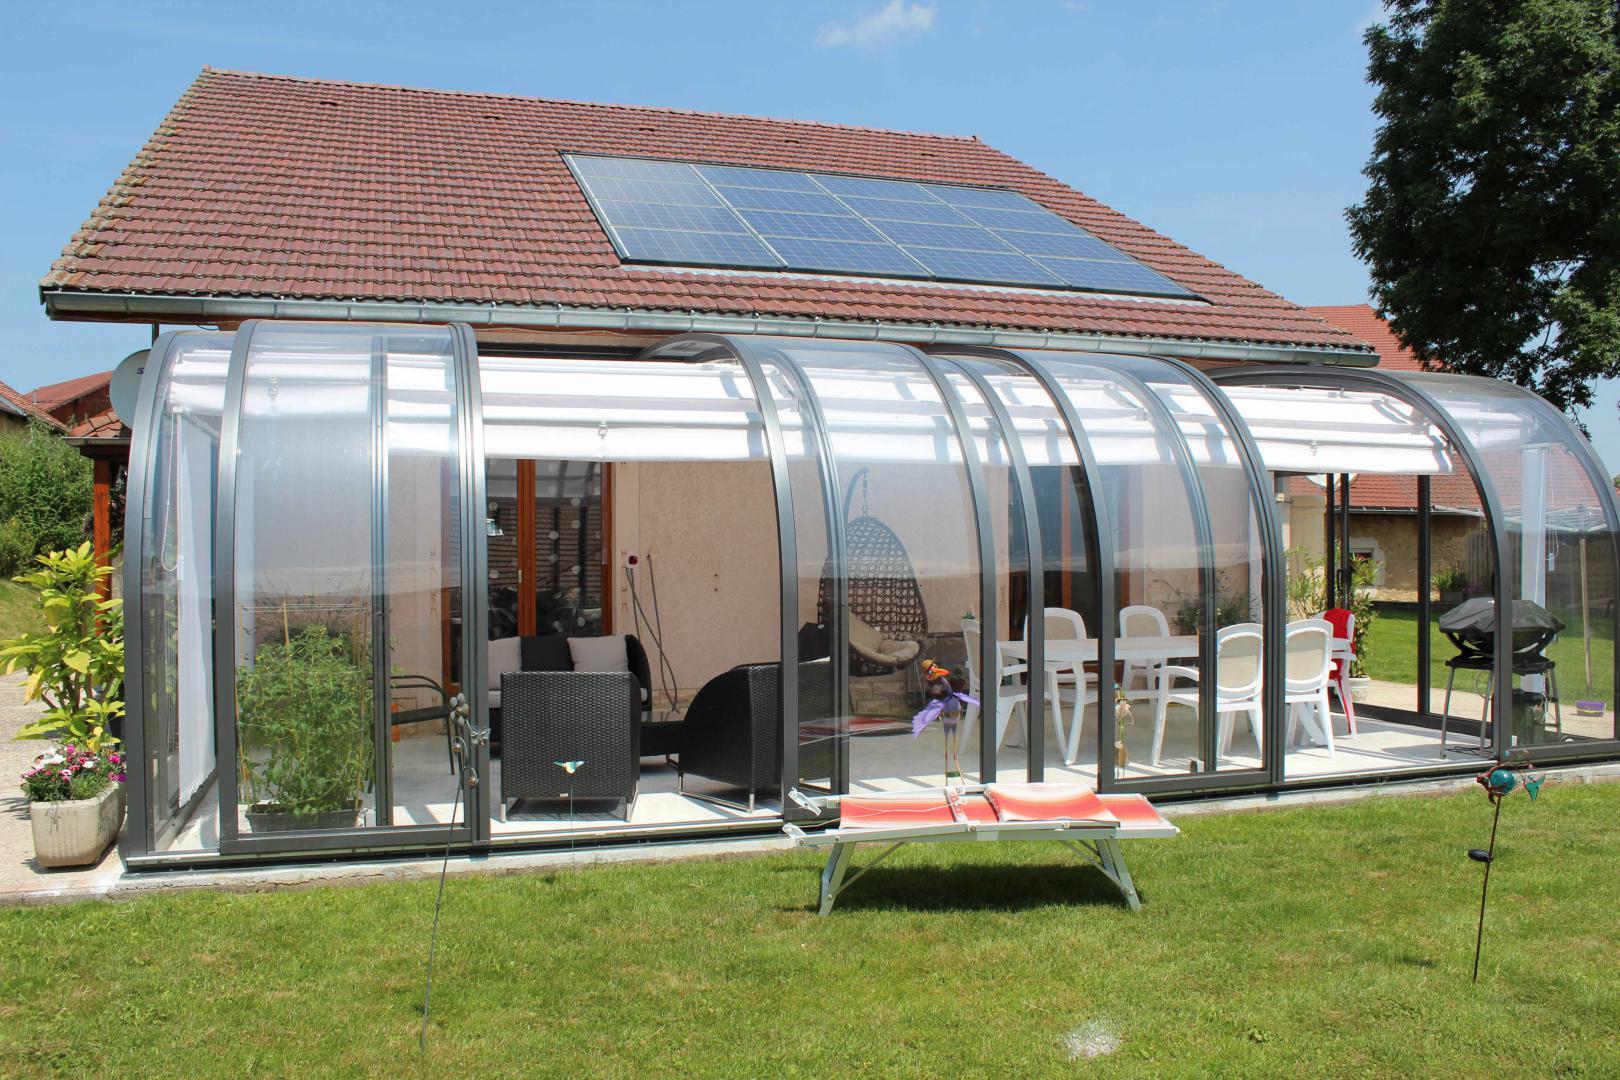 Abri de terrasse mod le saphir au galbe arrondi la solar - Modele de veranda sur terrasse ...